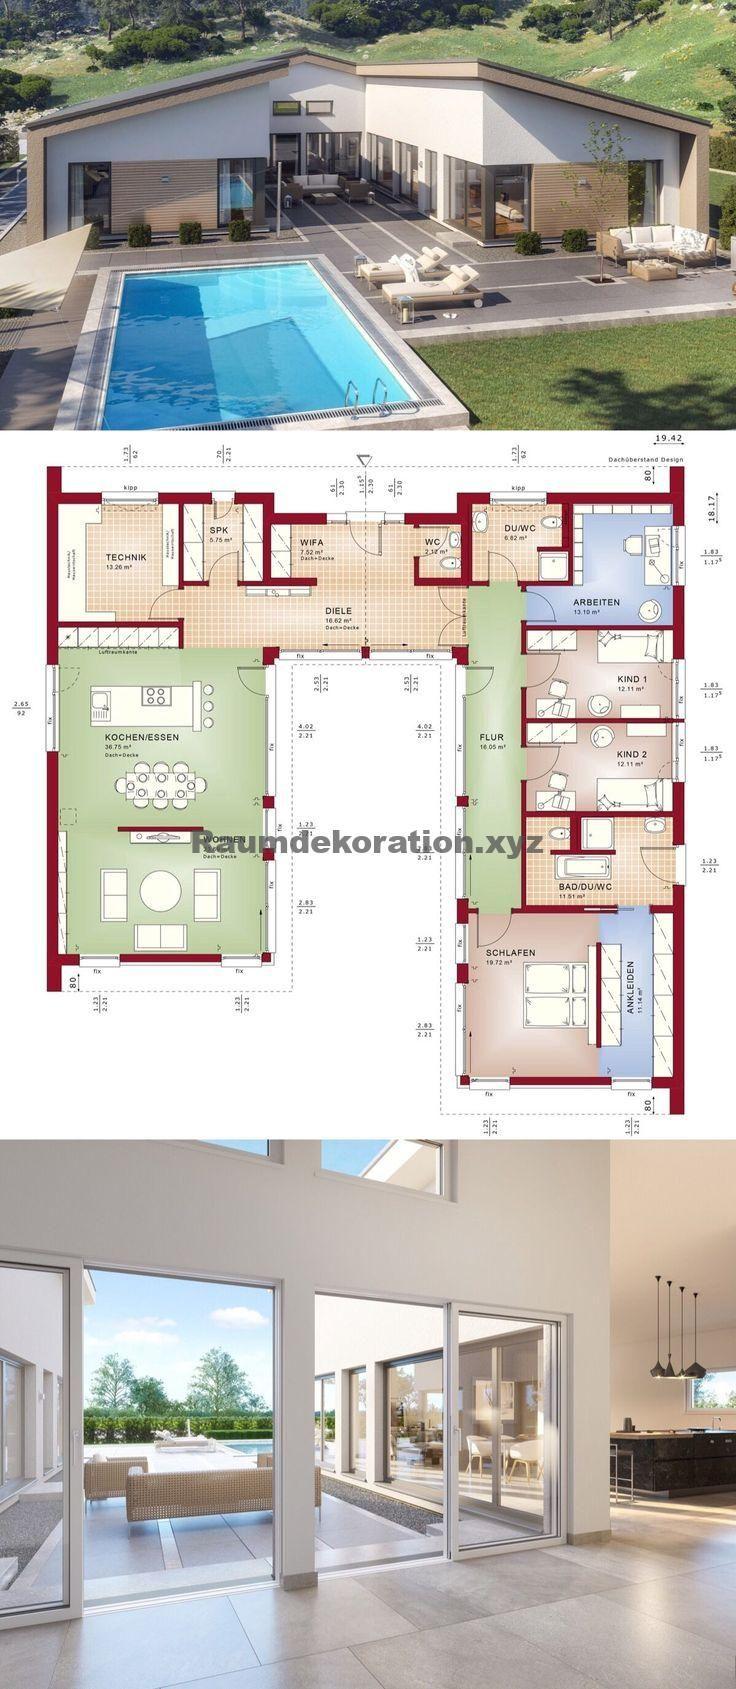 Architektur Ideen Bungalow Haus Mit Satteldach Architektur Innenhof 5 Zimmer Grundriss Ebenerdi Architecture Courtyard Building A House Architecture House